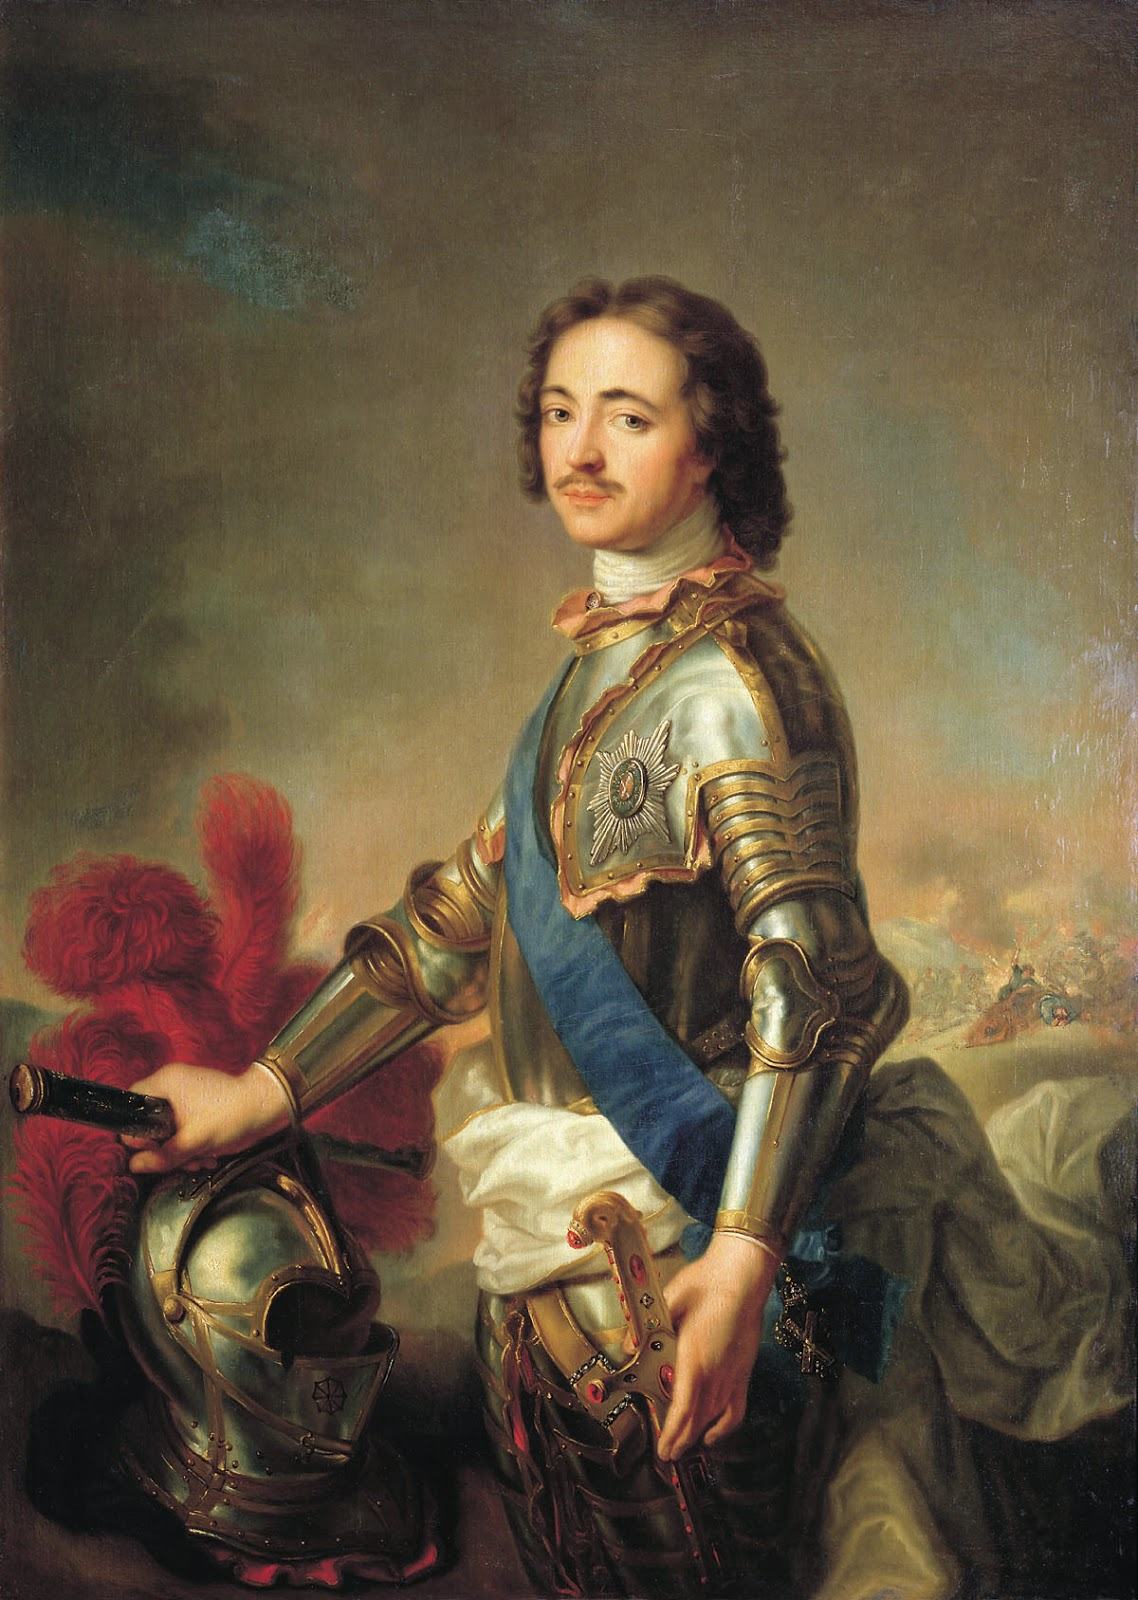 царь Пётр Первый